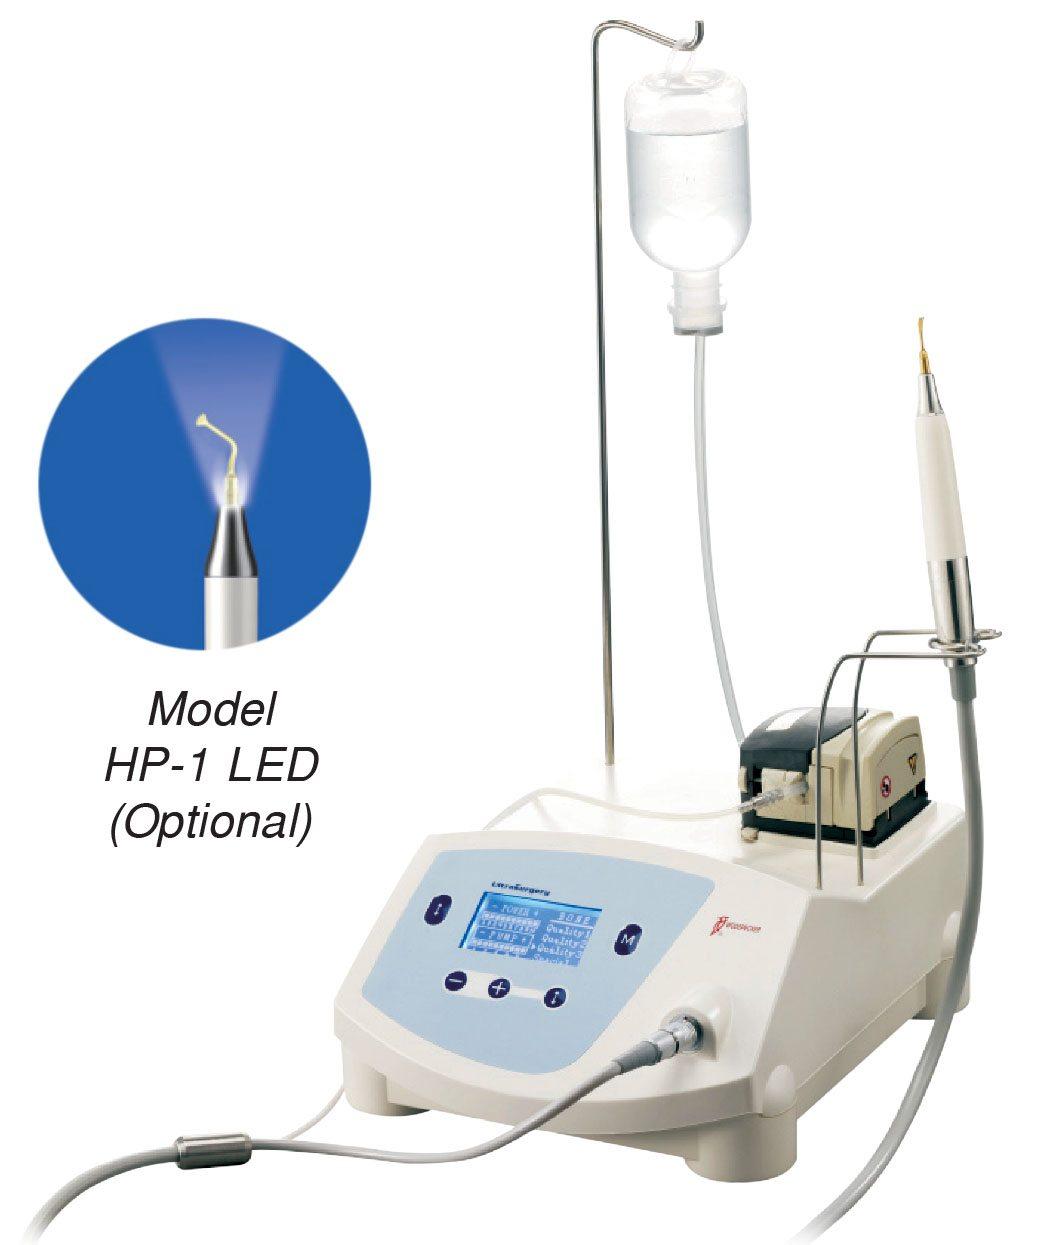 239-1-Ultrasurgery-WOODPECKER